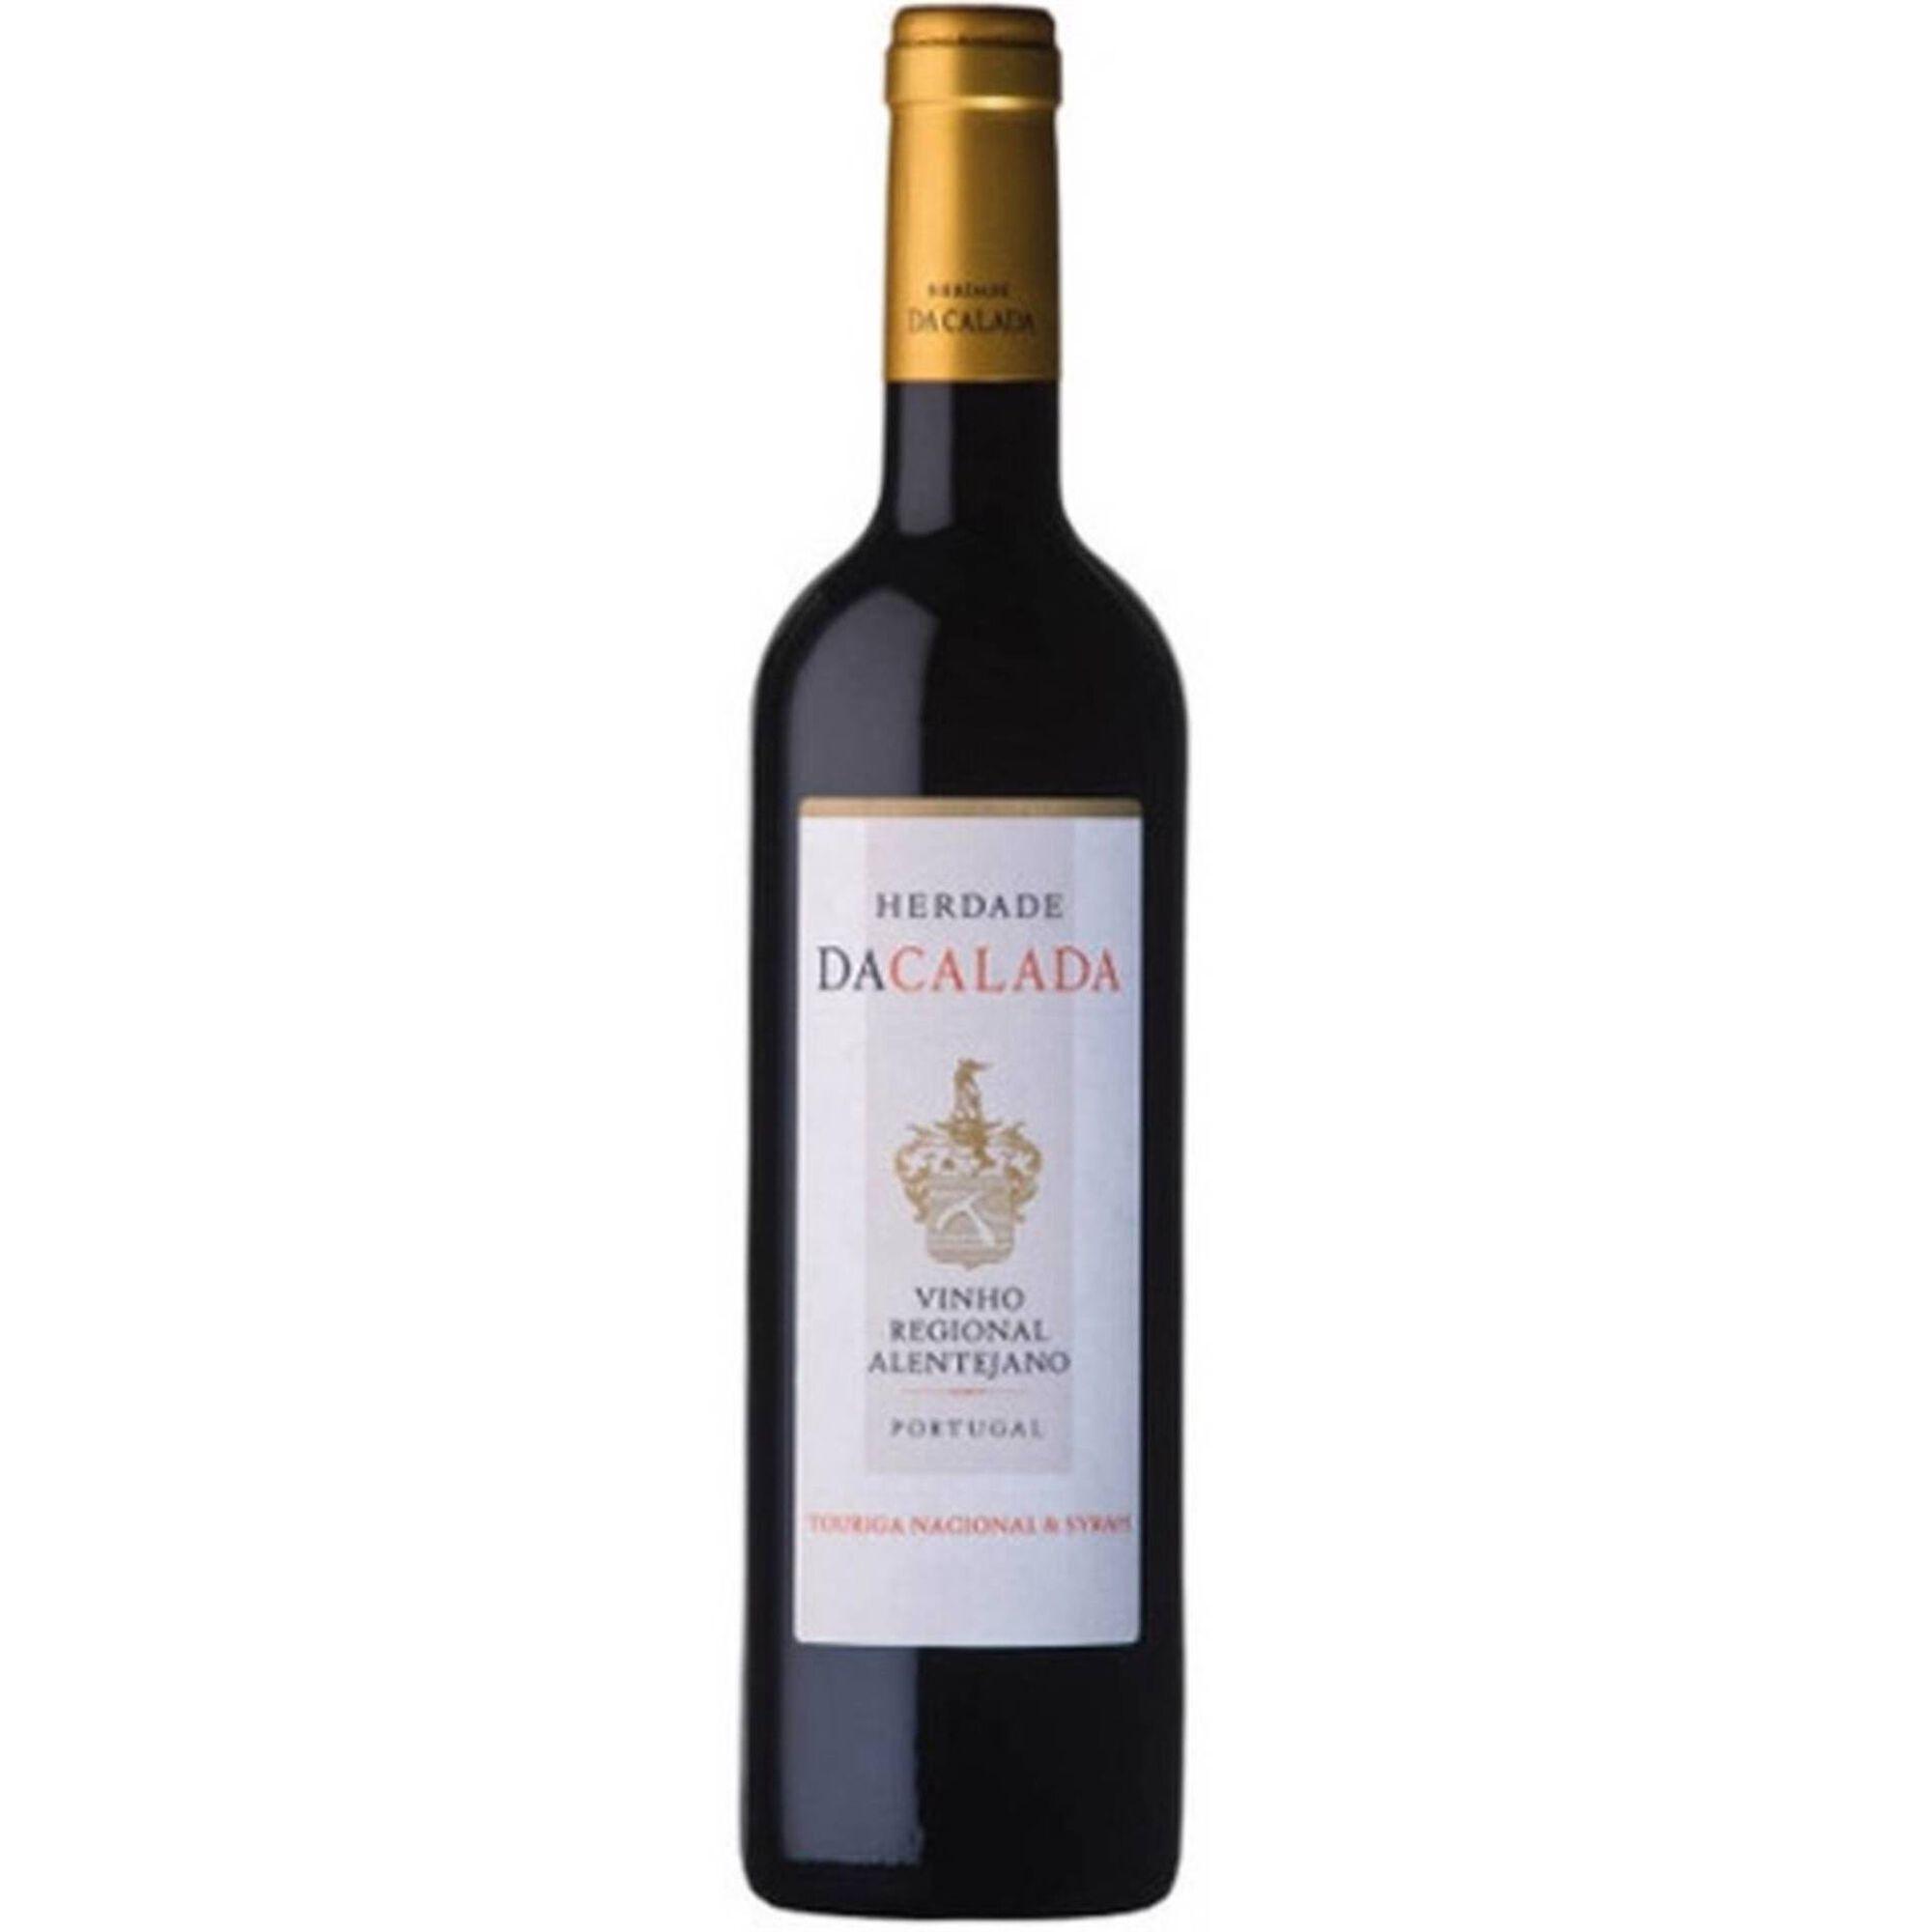 Herdade da Calada Touriga Nacional e Syrah Regional Alentejano Vinho Tinto